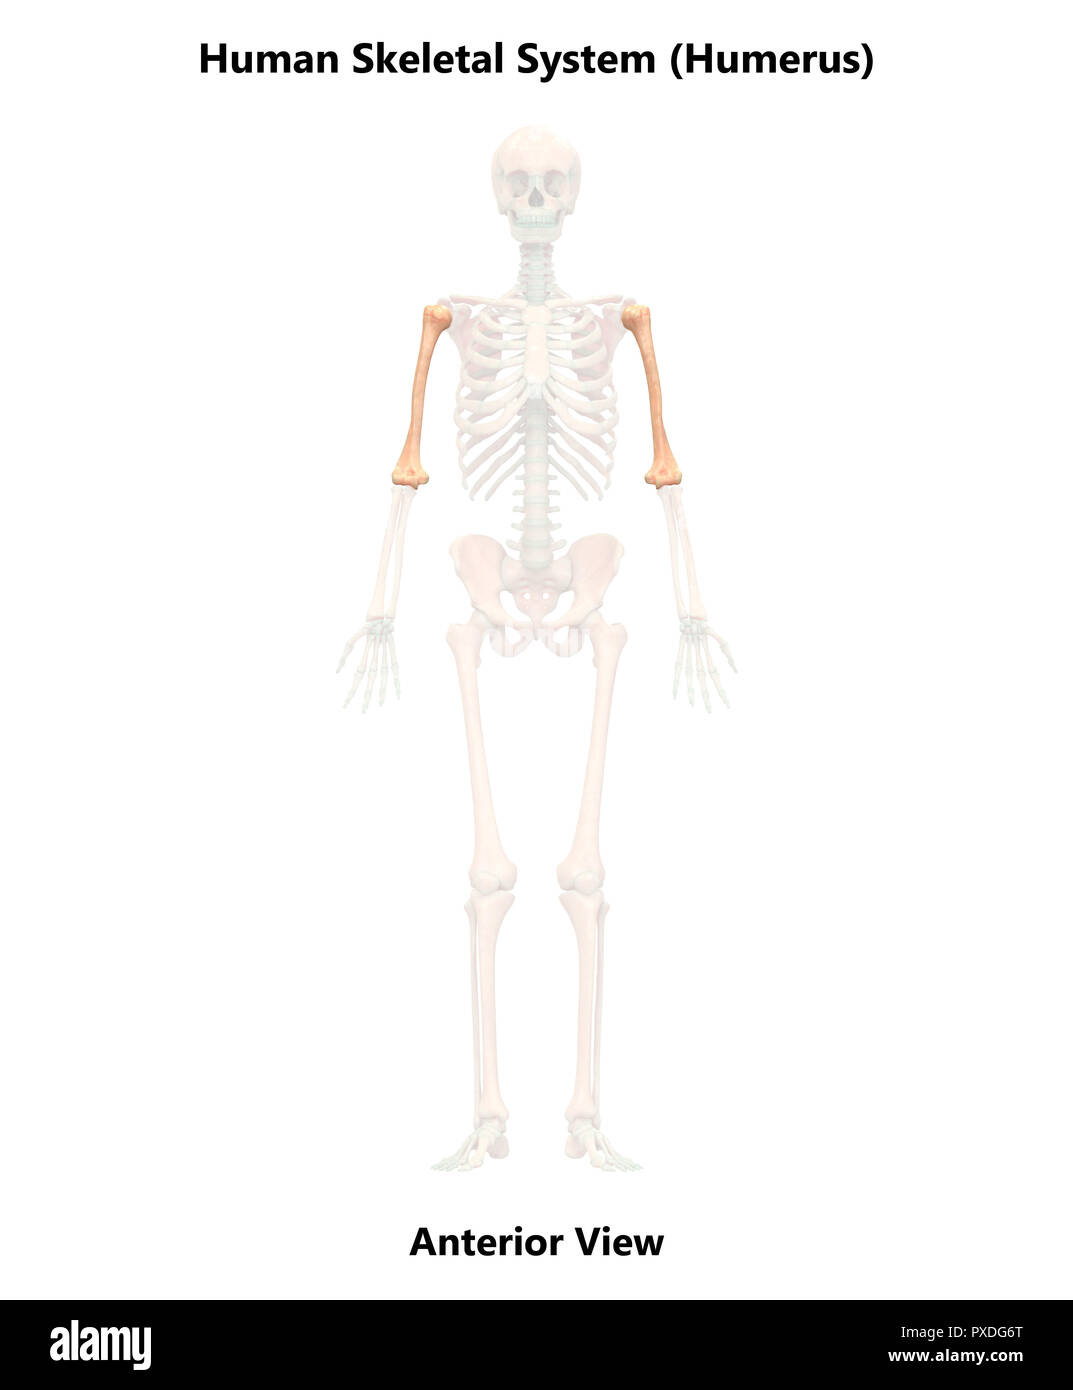 Human Skeleton System Bones Anterior View Anatomy Stock Photo